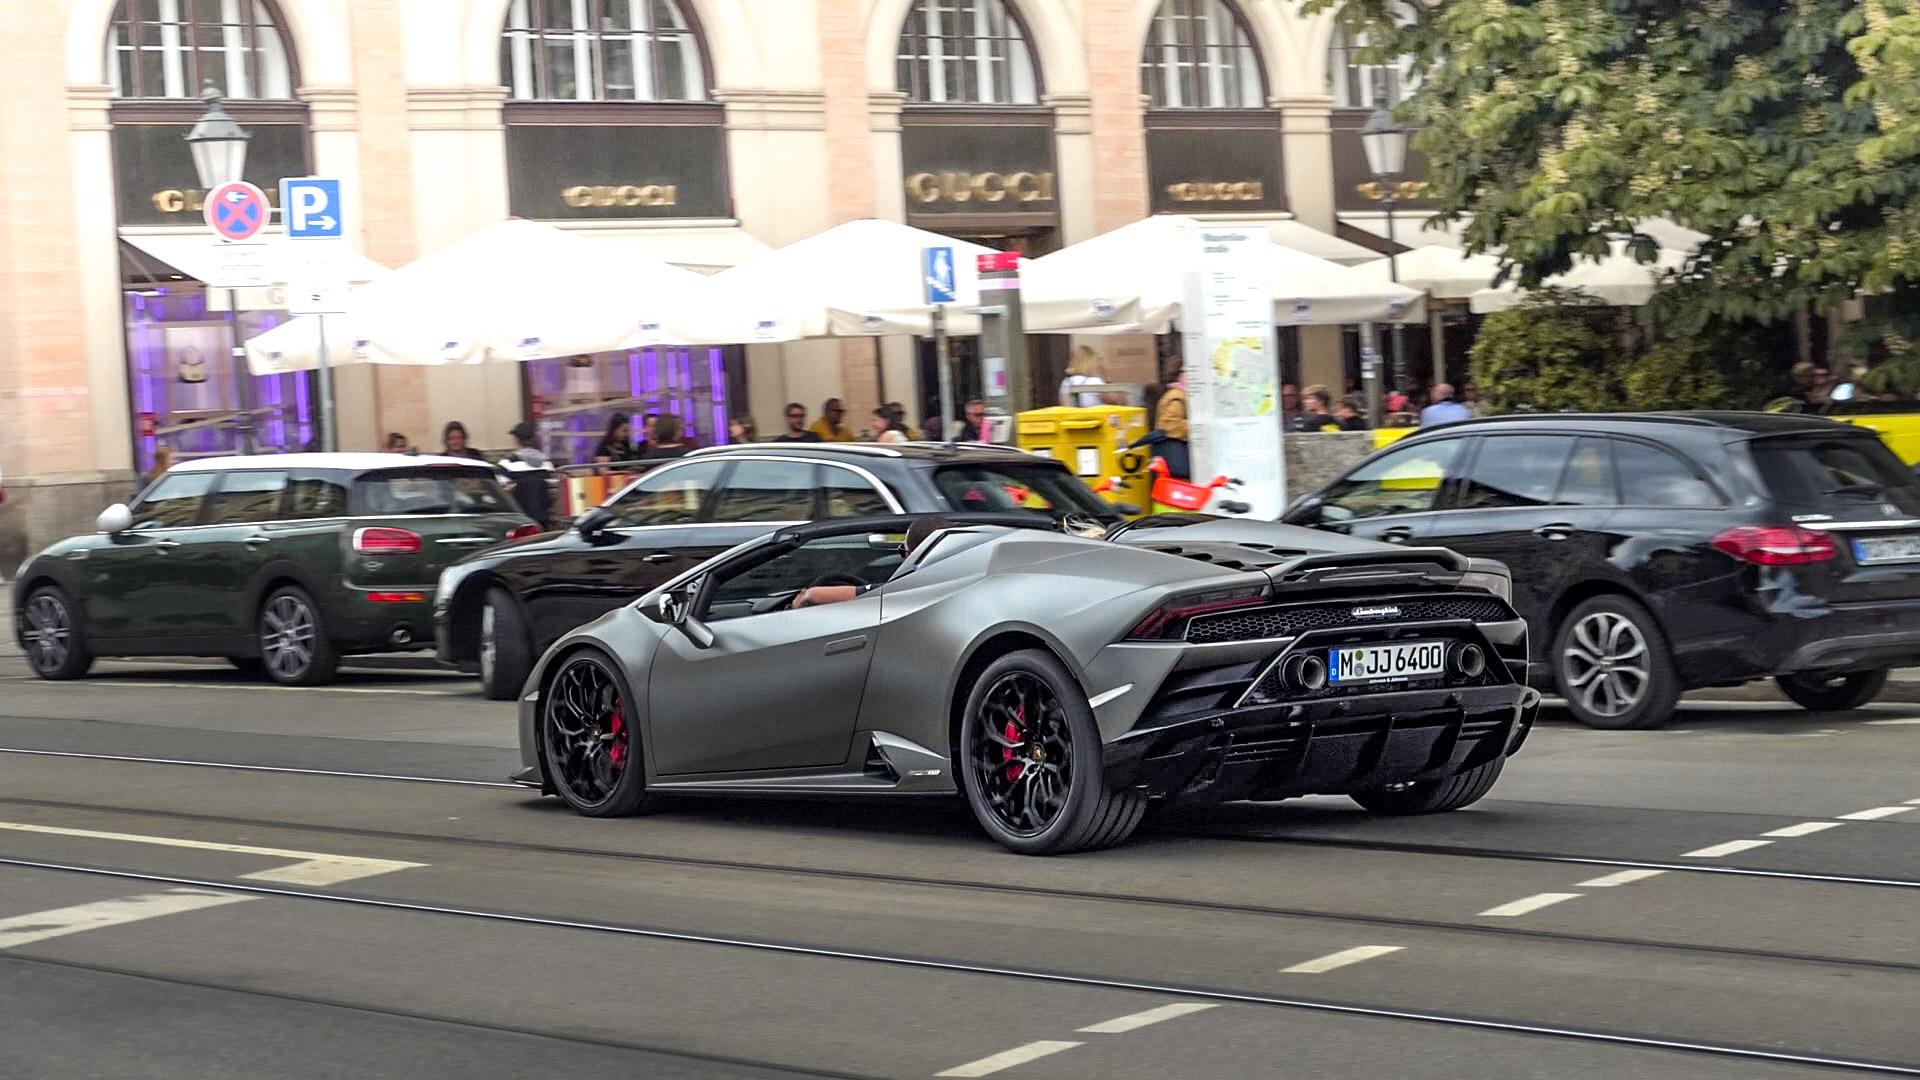 Lamborghini Huracan Evo Spyder - M-JJ-6400